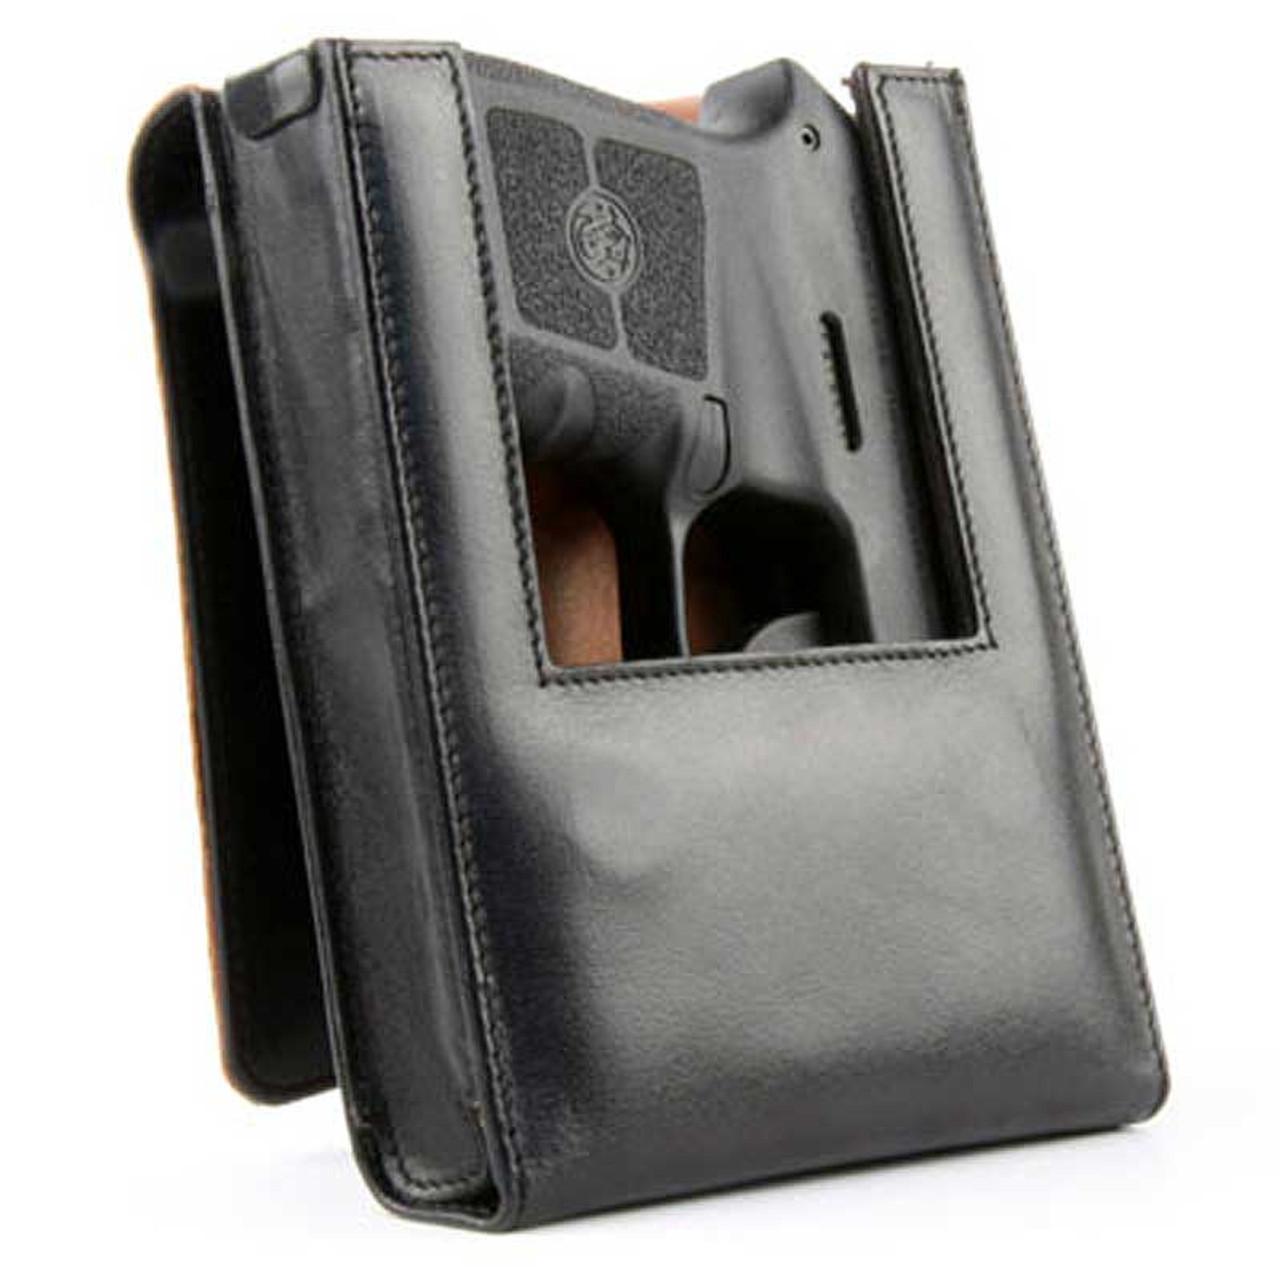 S&W Bodyguard 380 Concealed Carry Holster (Belt Loop)